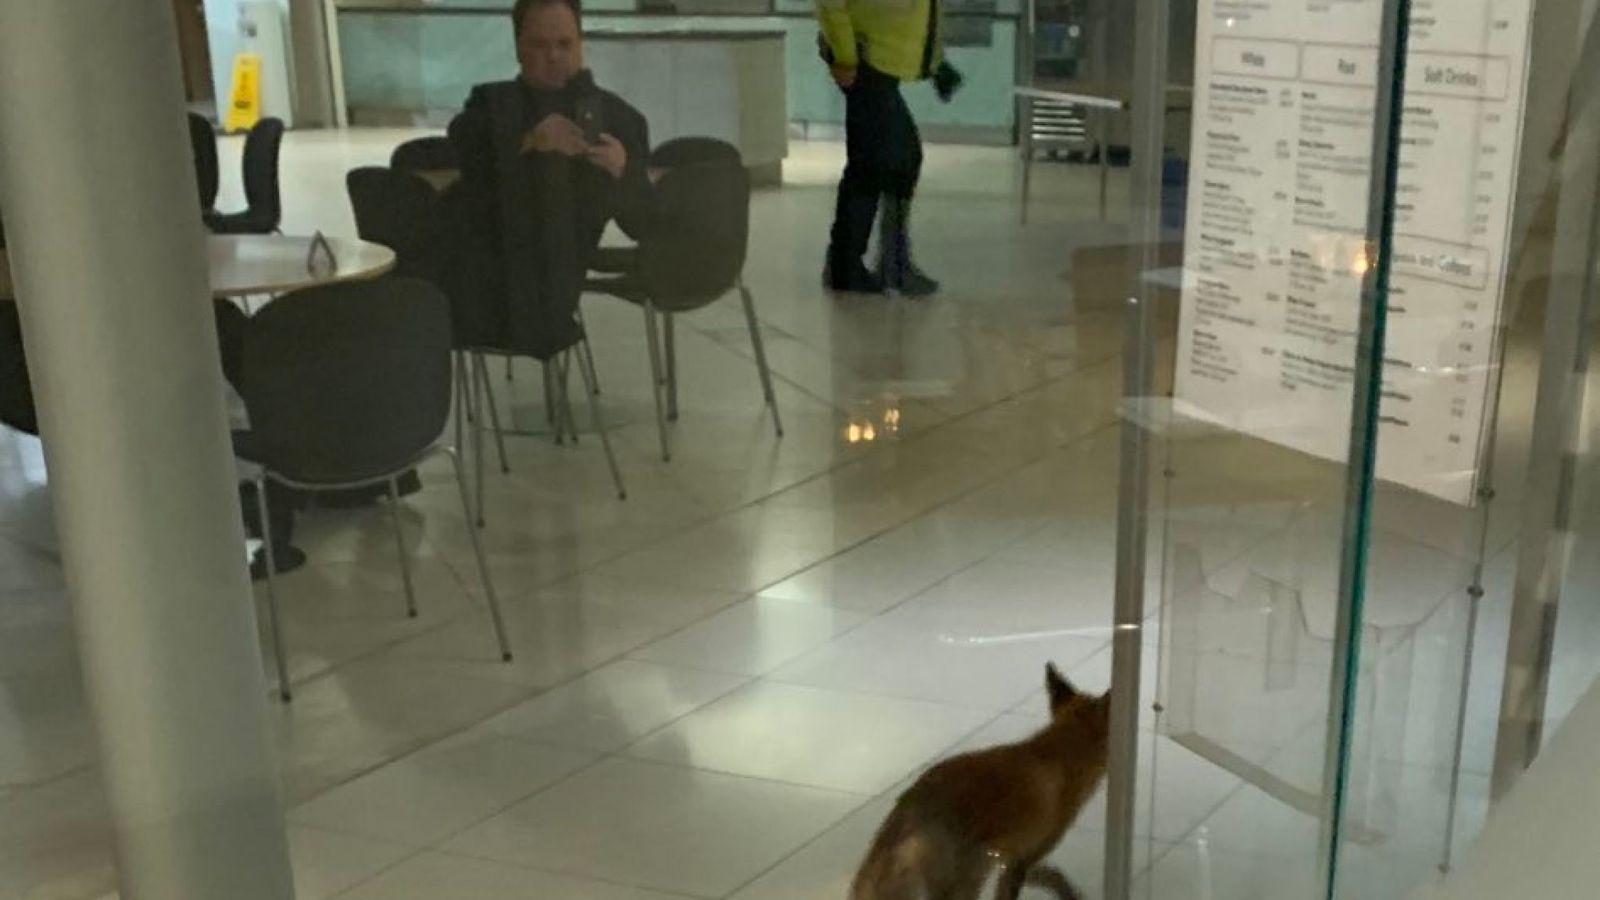 狐狸闯进英国议会大楼 乘自动扶梯跑到四楼才被捕获